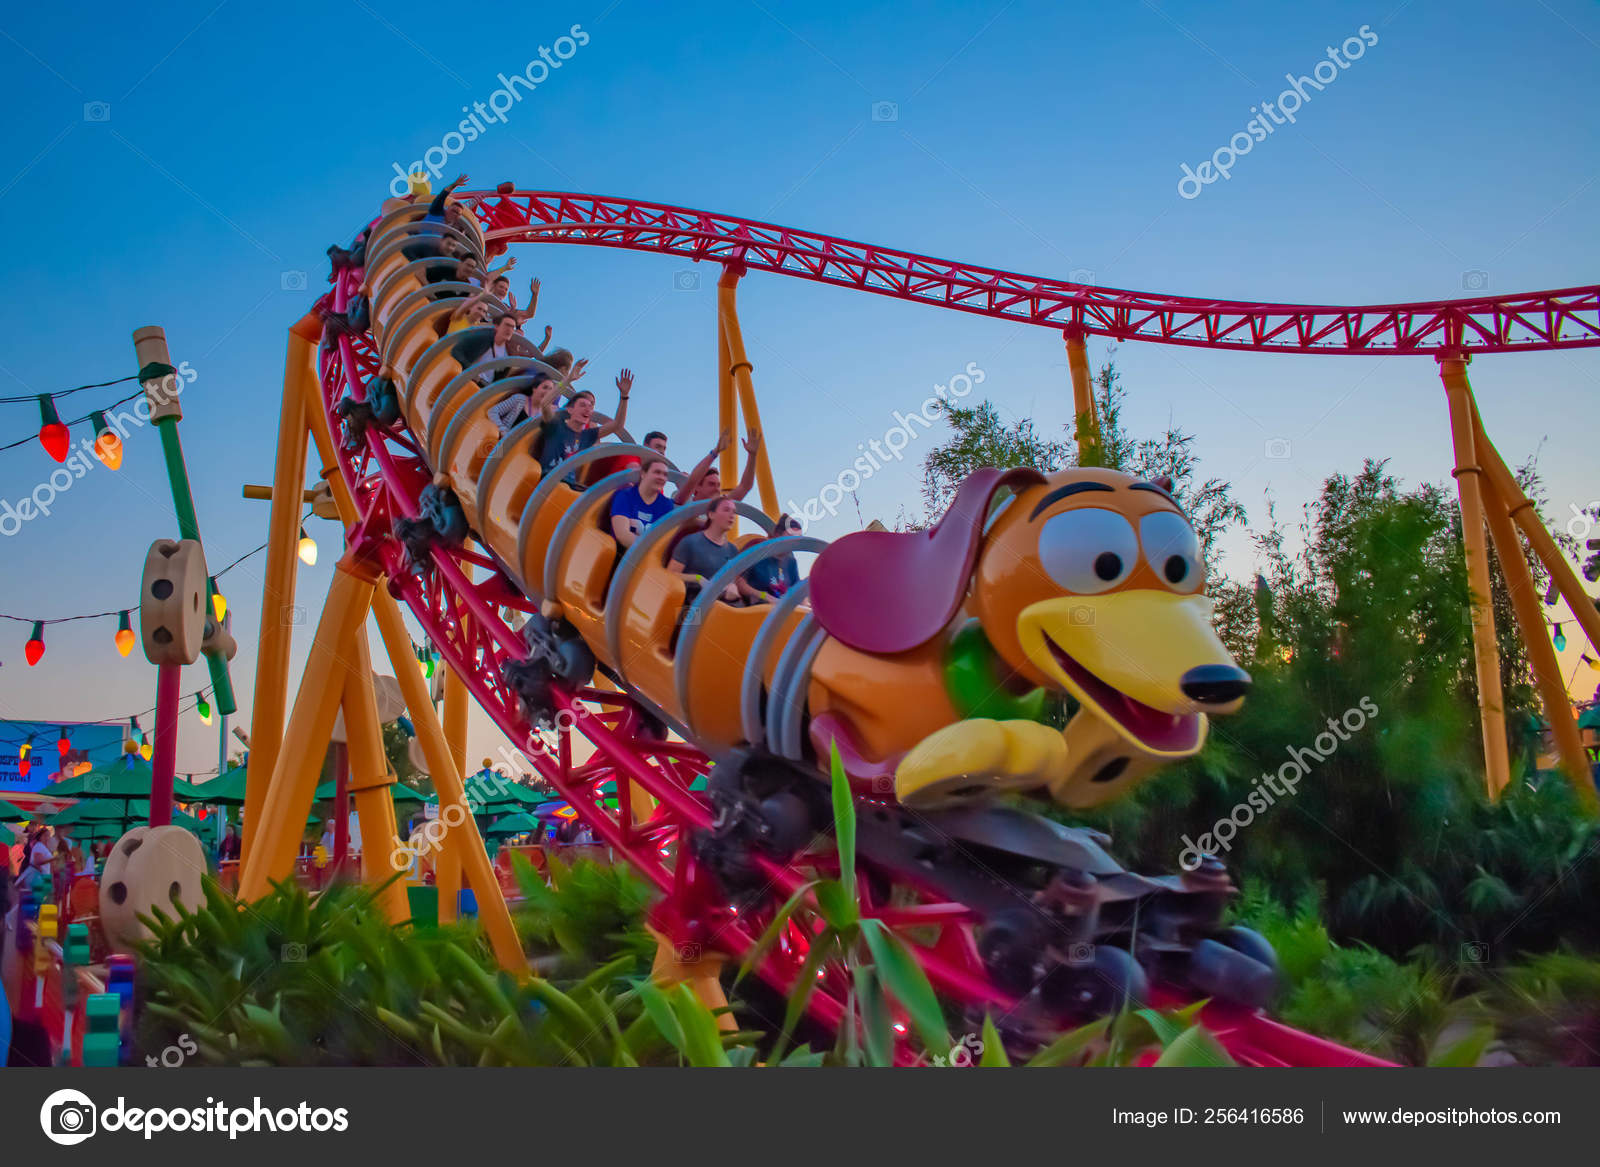 Orlando Florida March 2019 Slinky Dog Dash Rollercoaster Toystory